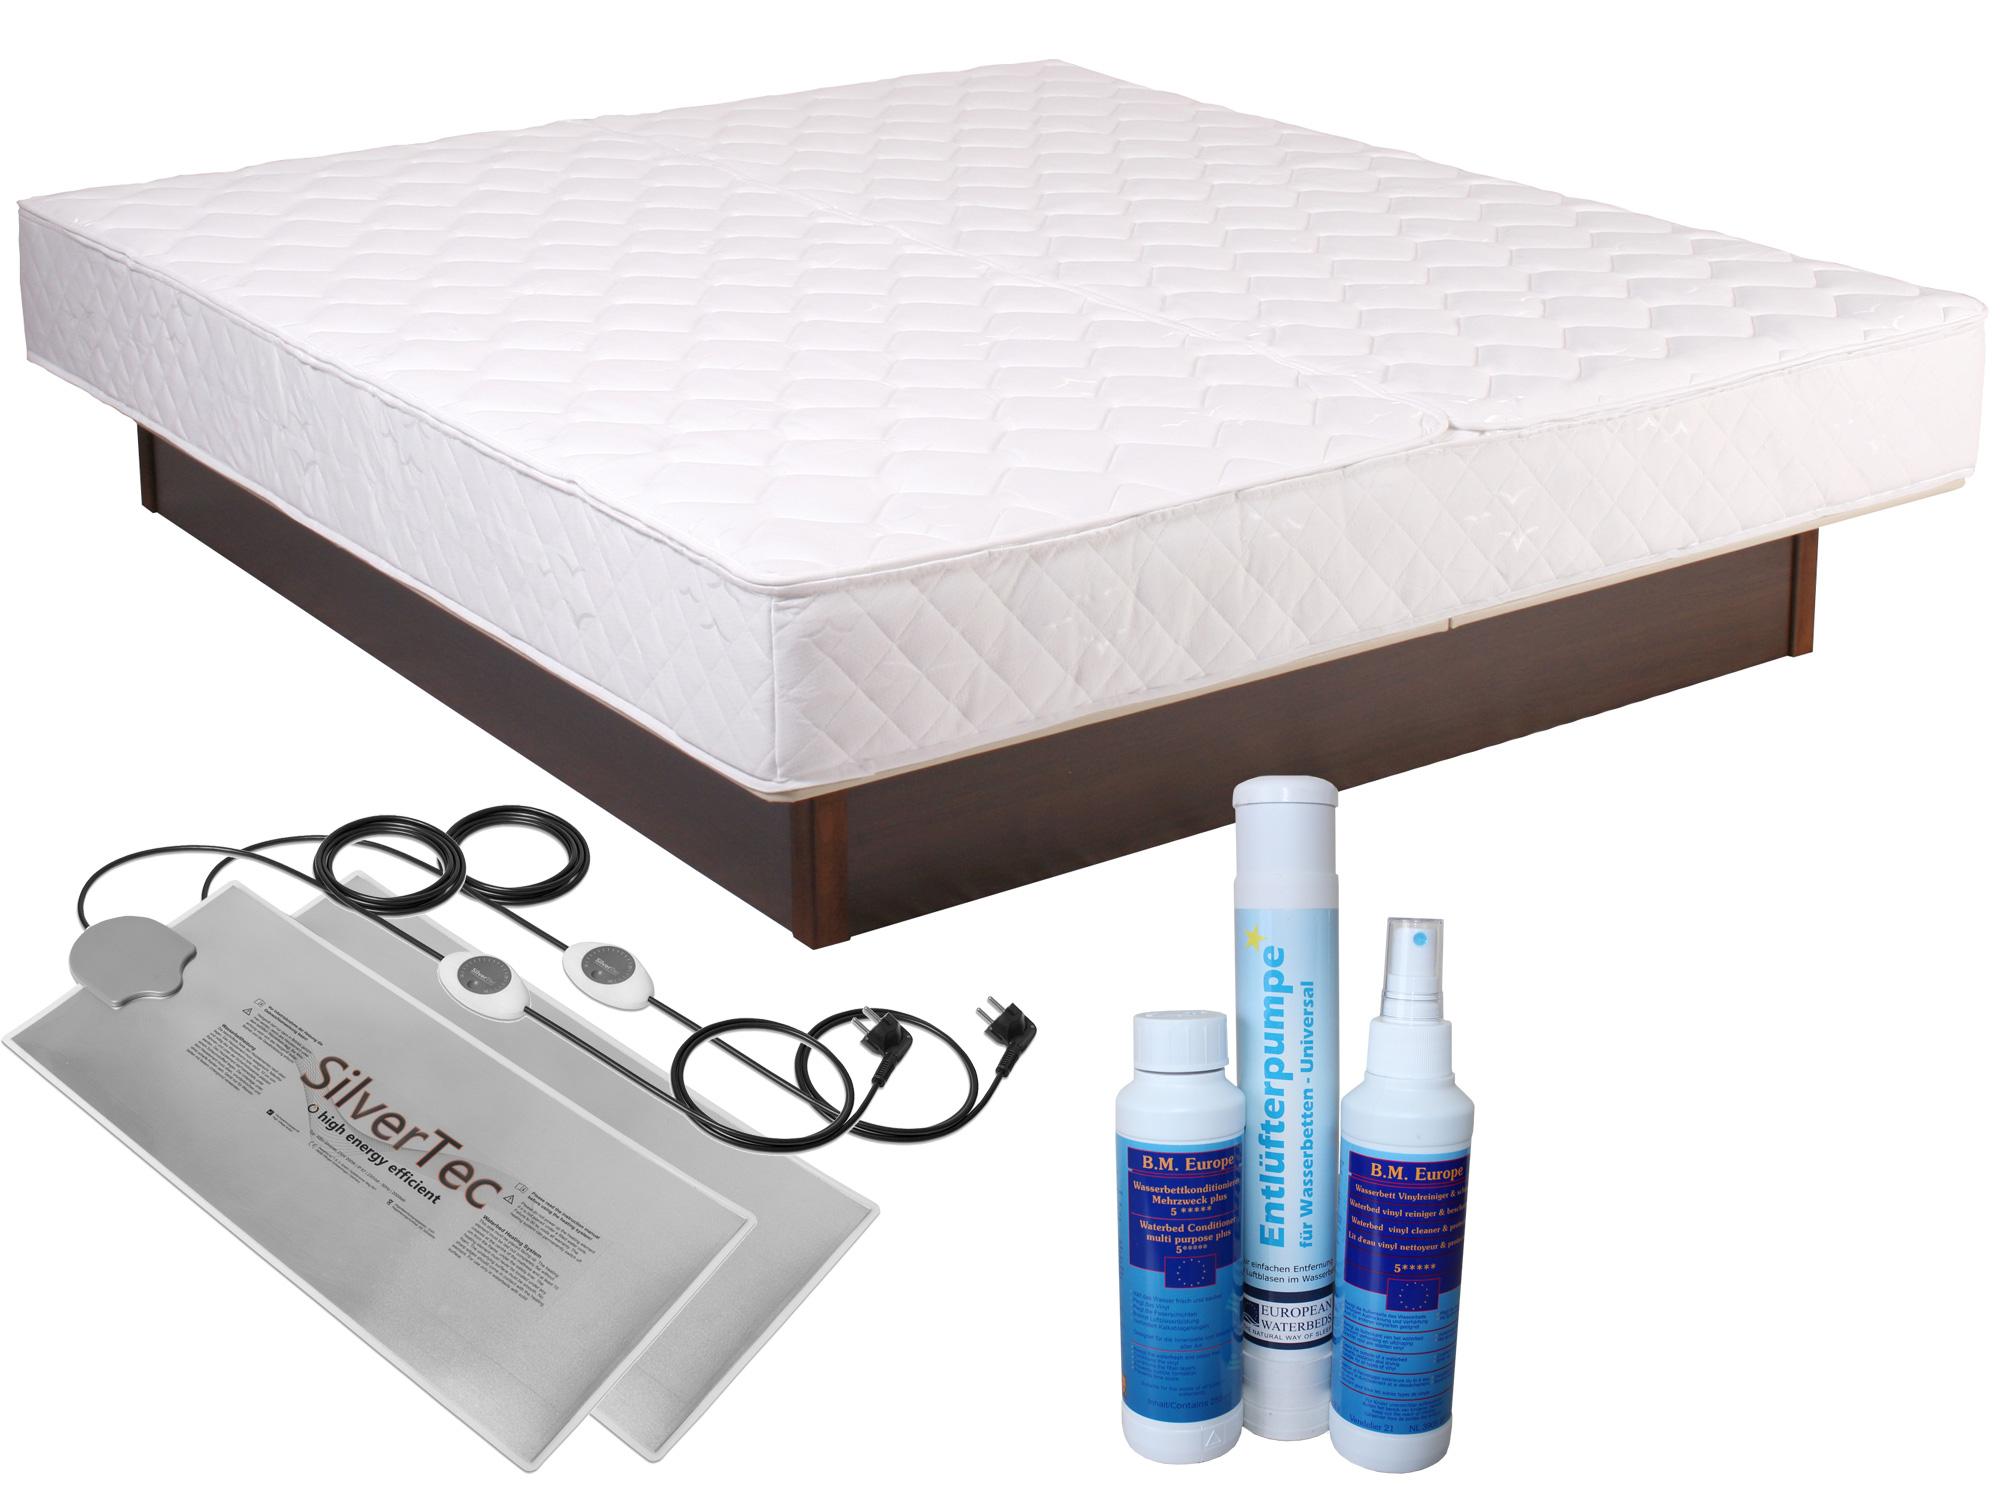 Full Size of Wasserbett Innocent Betten Coole Bette Starlet Bett 90x190 Massivholz 100x200 Ebay Außergewöhnliche Floor Keilkissen Sonoma Eiche 140x200 160x200 Mit Bett Wasser Bett